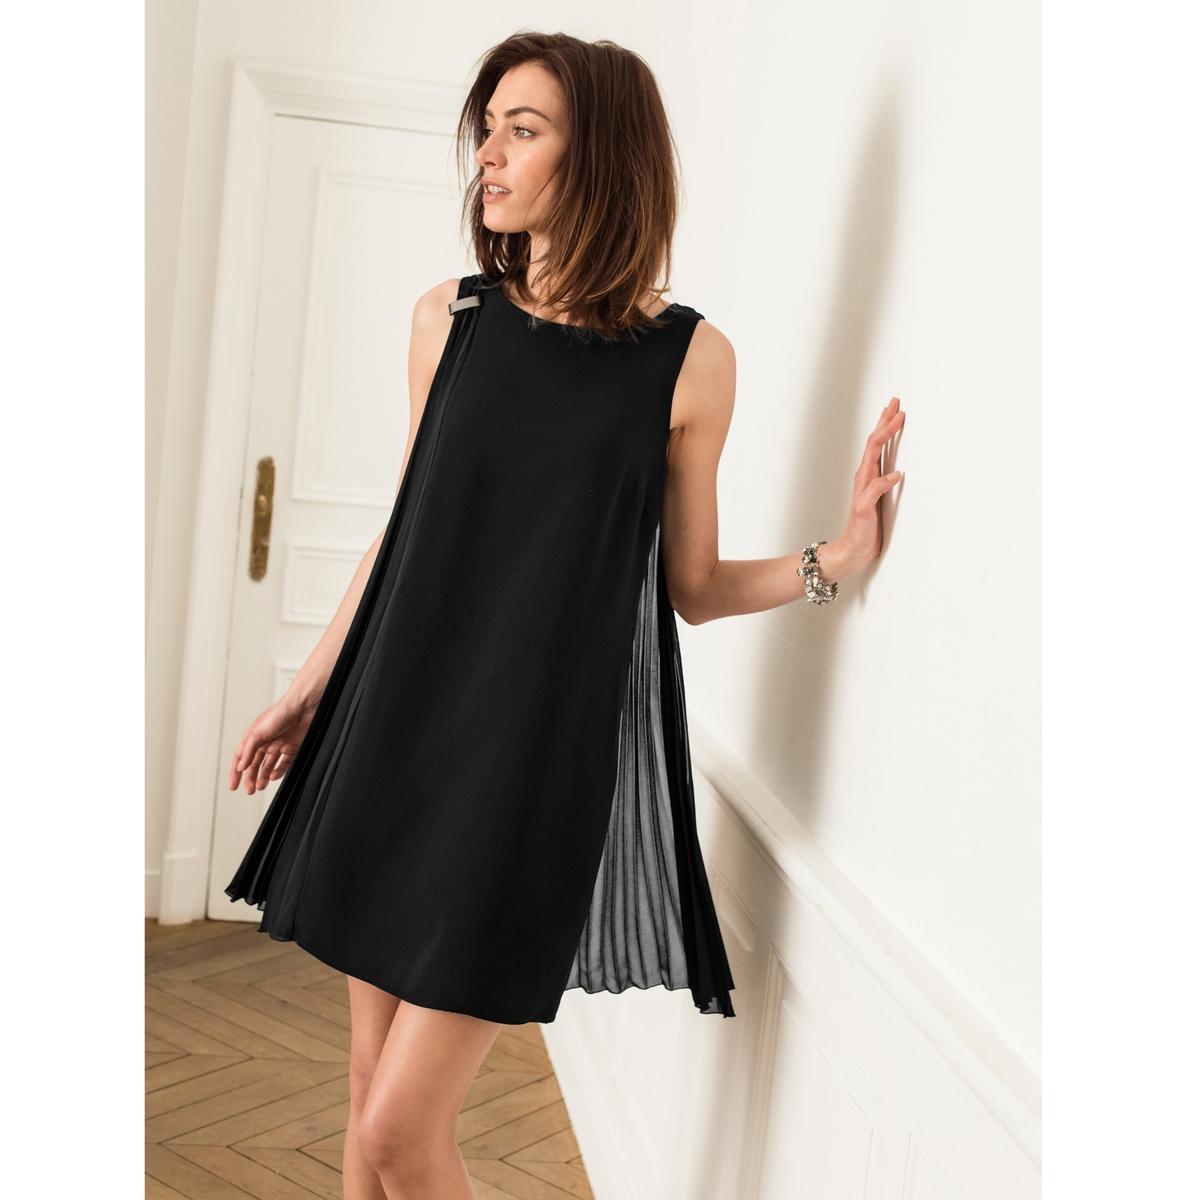 Imagen secundaria de producto de Vestido plisado sin mangas - Anne weyburn